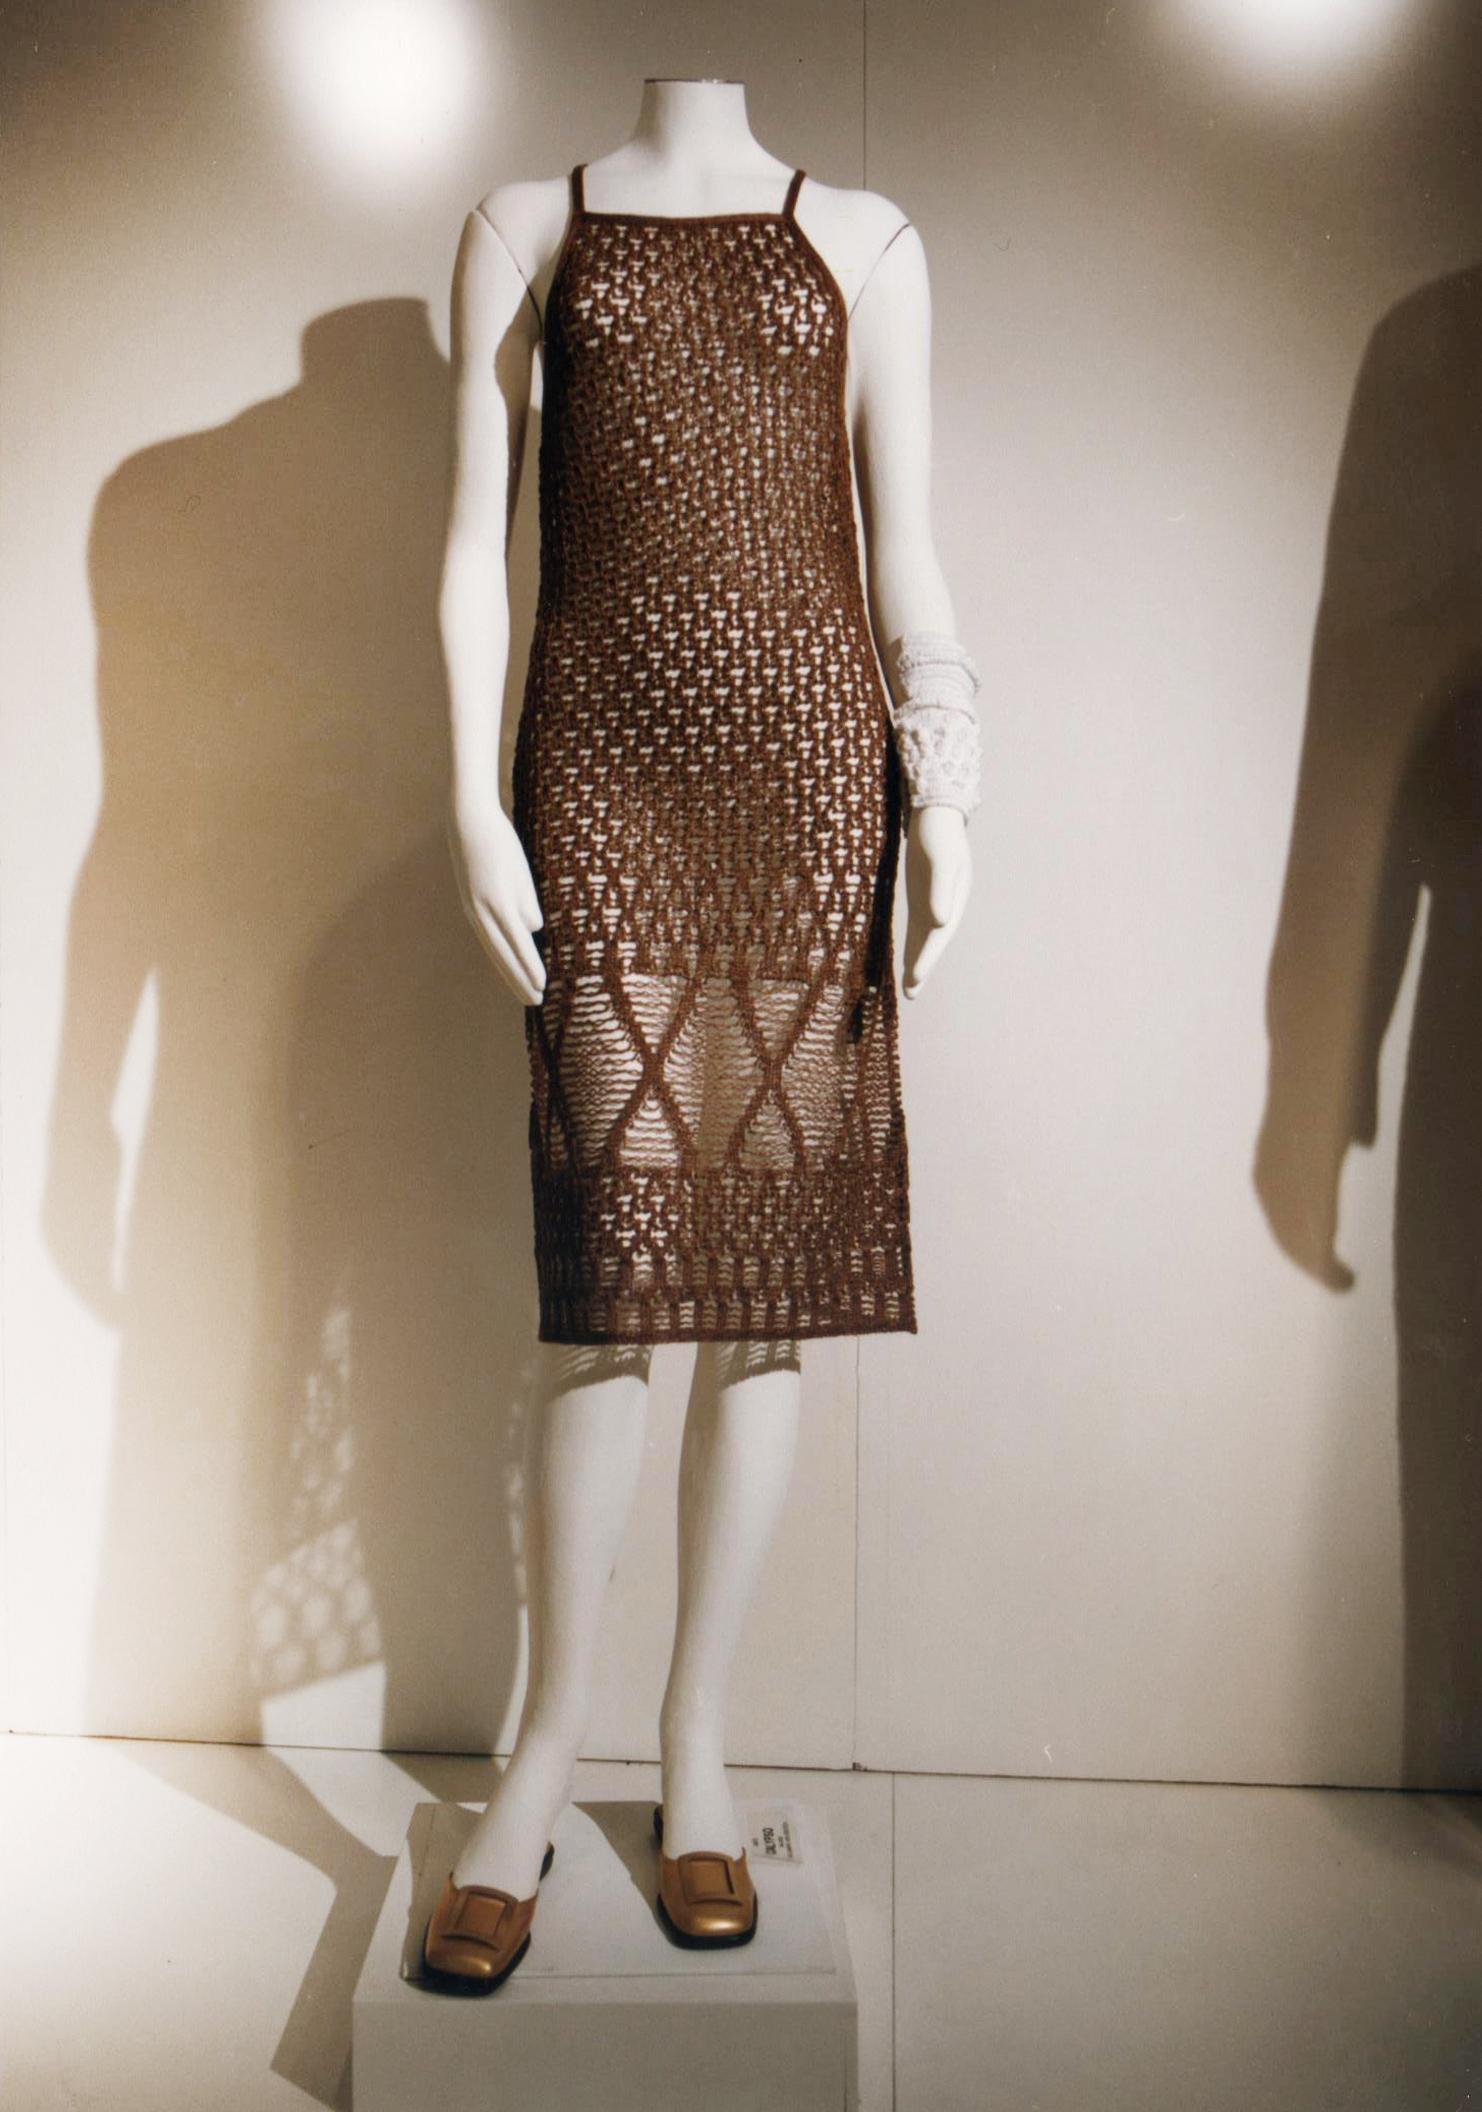 GiulianoeGiusyMarelli_ItalianSummer_2001_MadeInItaly_Knitwear_Design_5.jpg